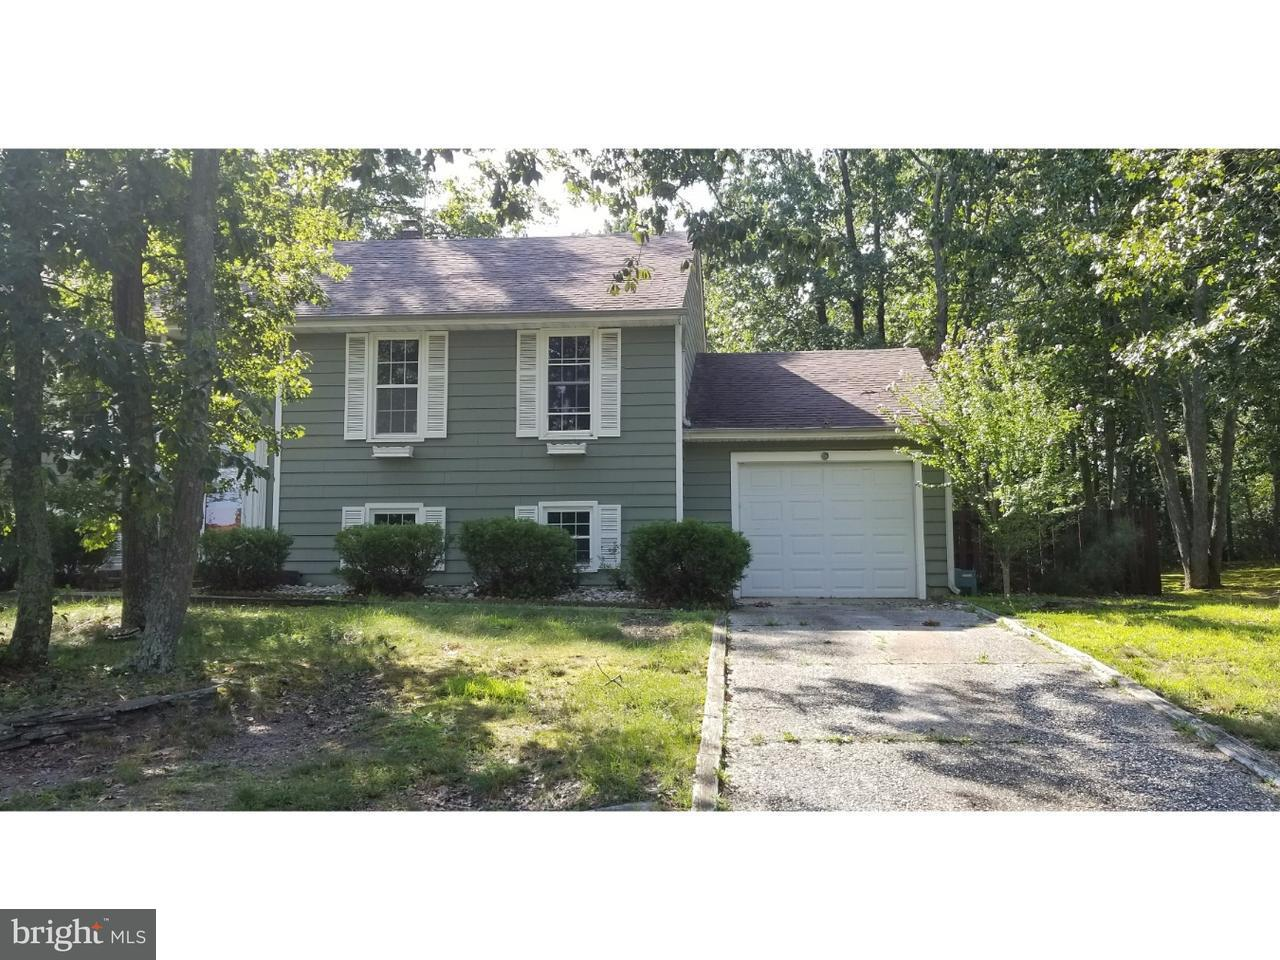 Частный односемейный дом для того Продажа на 66 CLARIDGE Drive Jackson Township, Нью-Джерси 08527 Соединенные Штаты